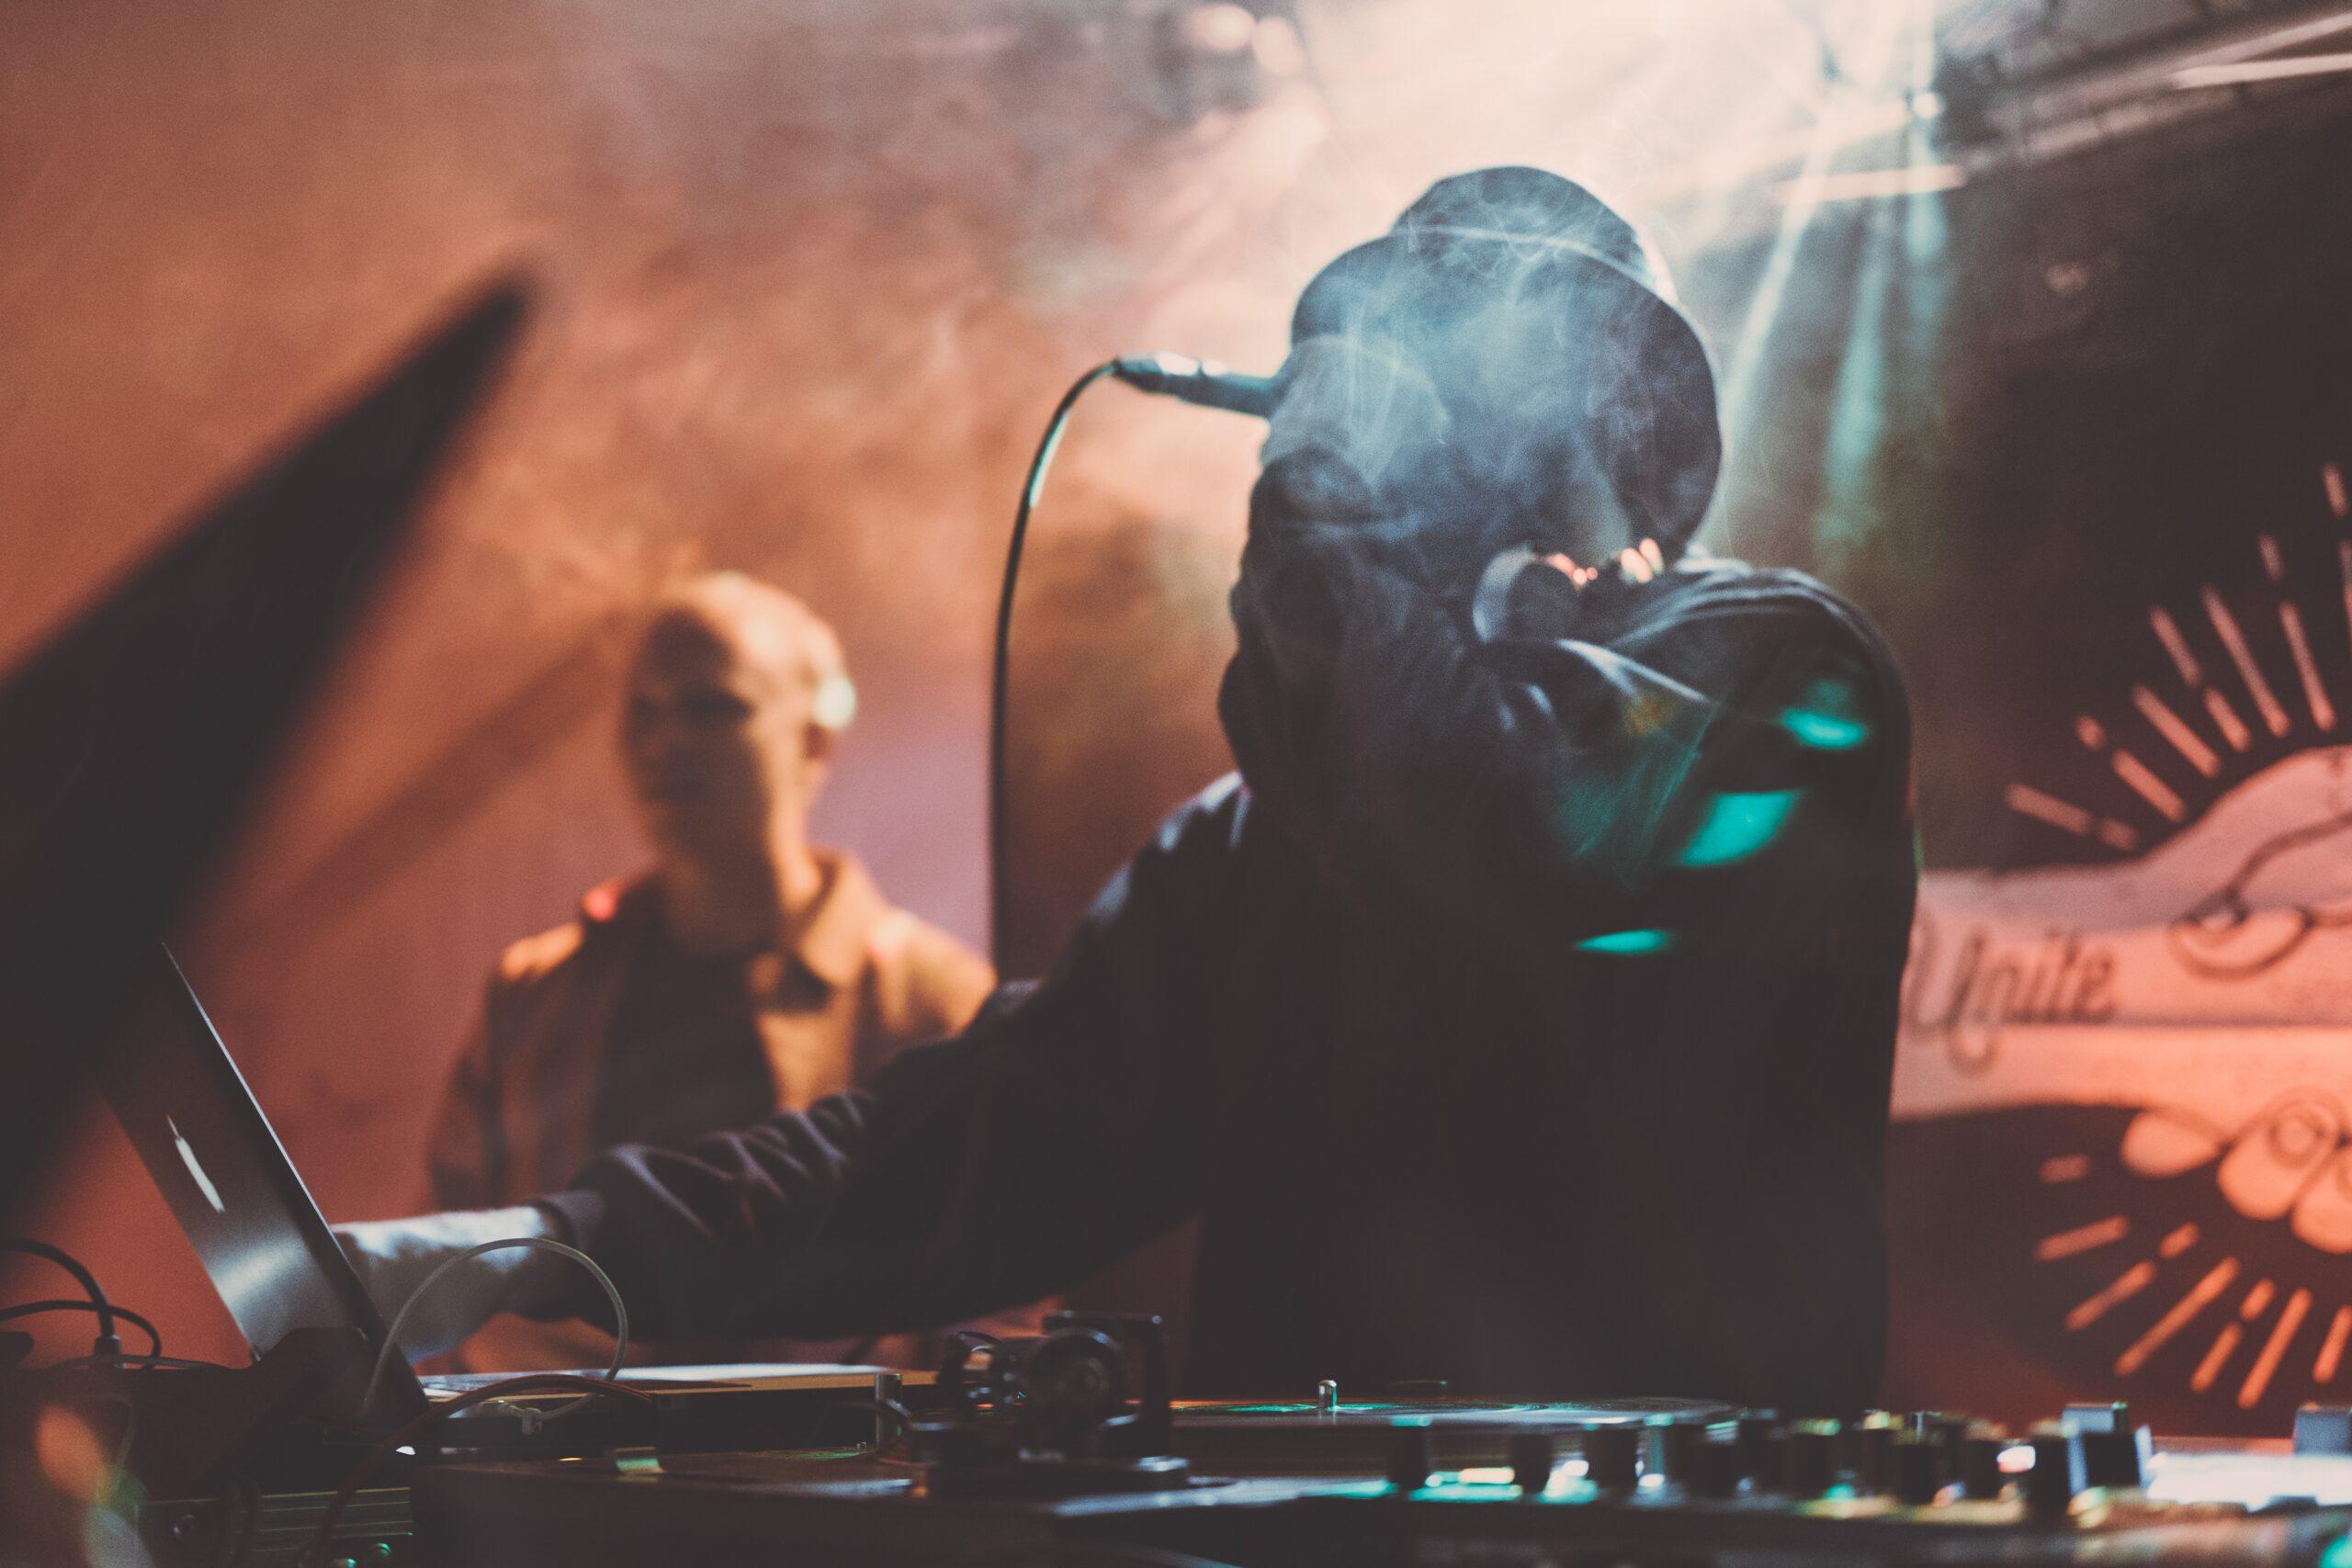 DJ (Credit: Soren Astrup Jorgensen / Unsplash)